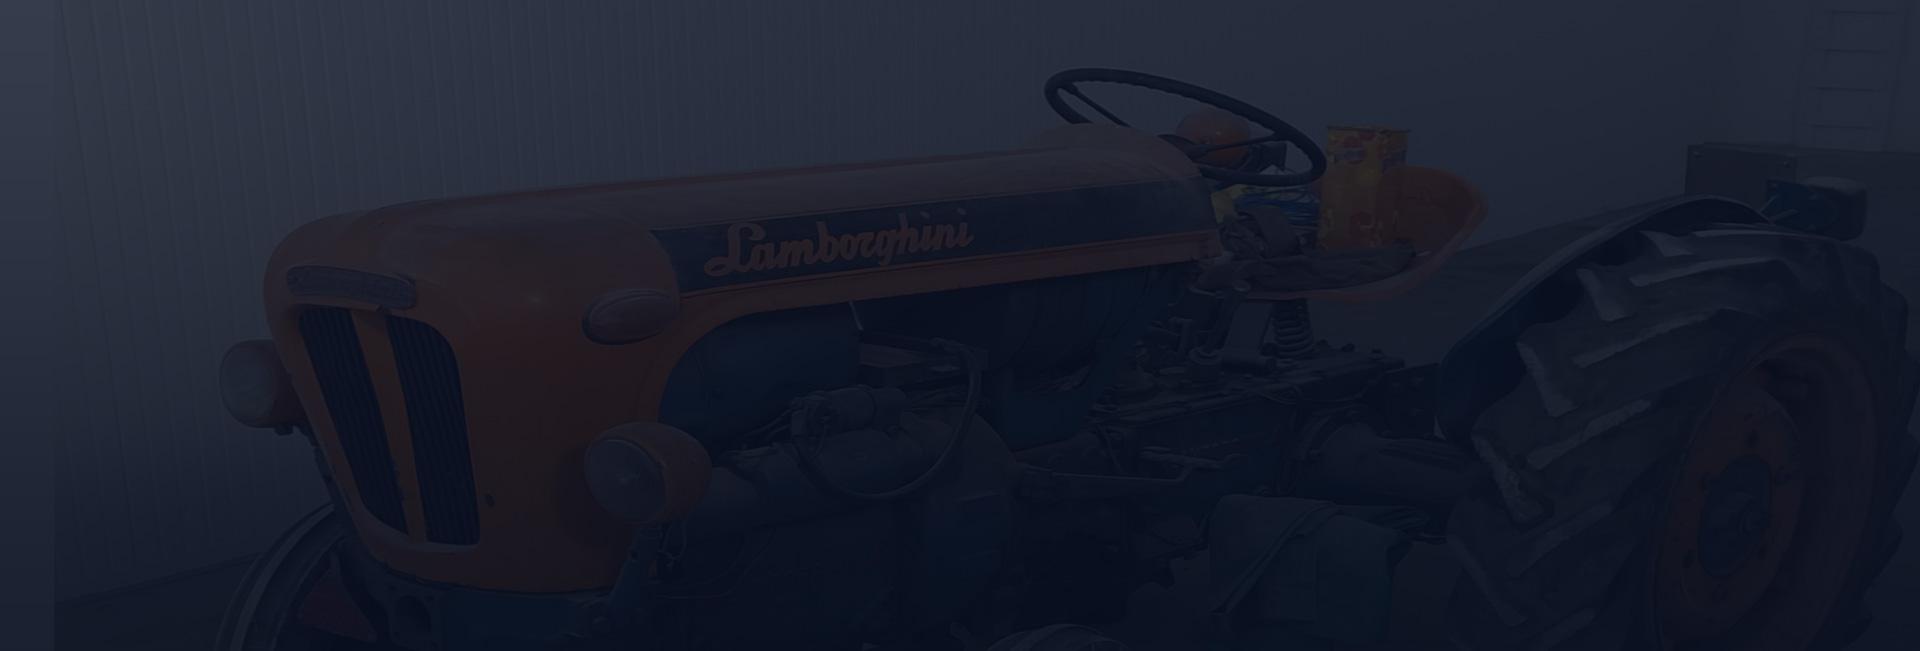 Trattore Lamborghini 2241 R